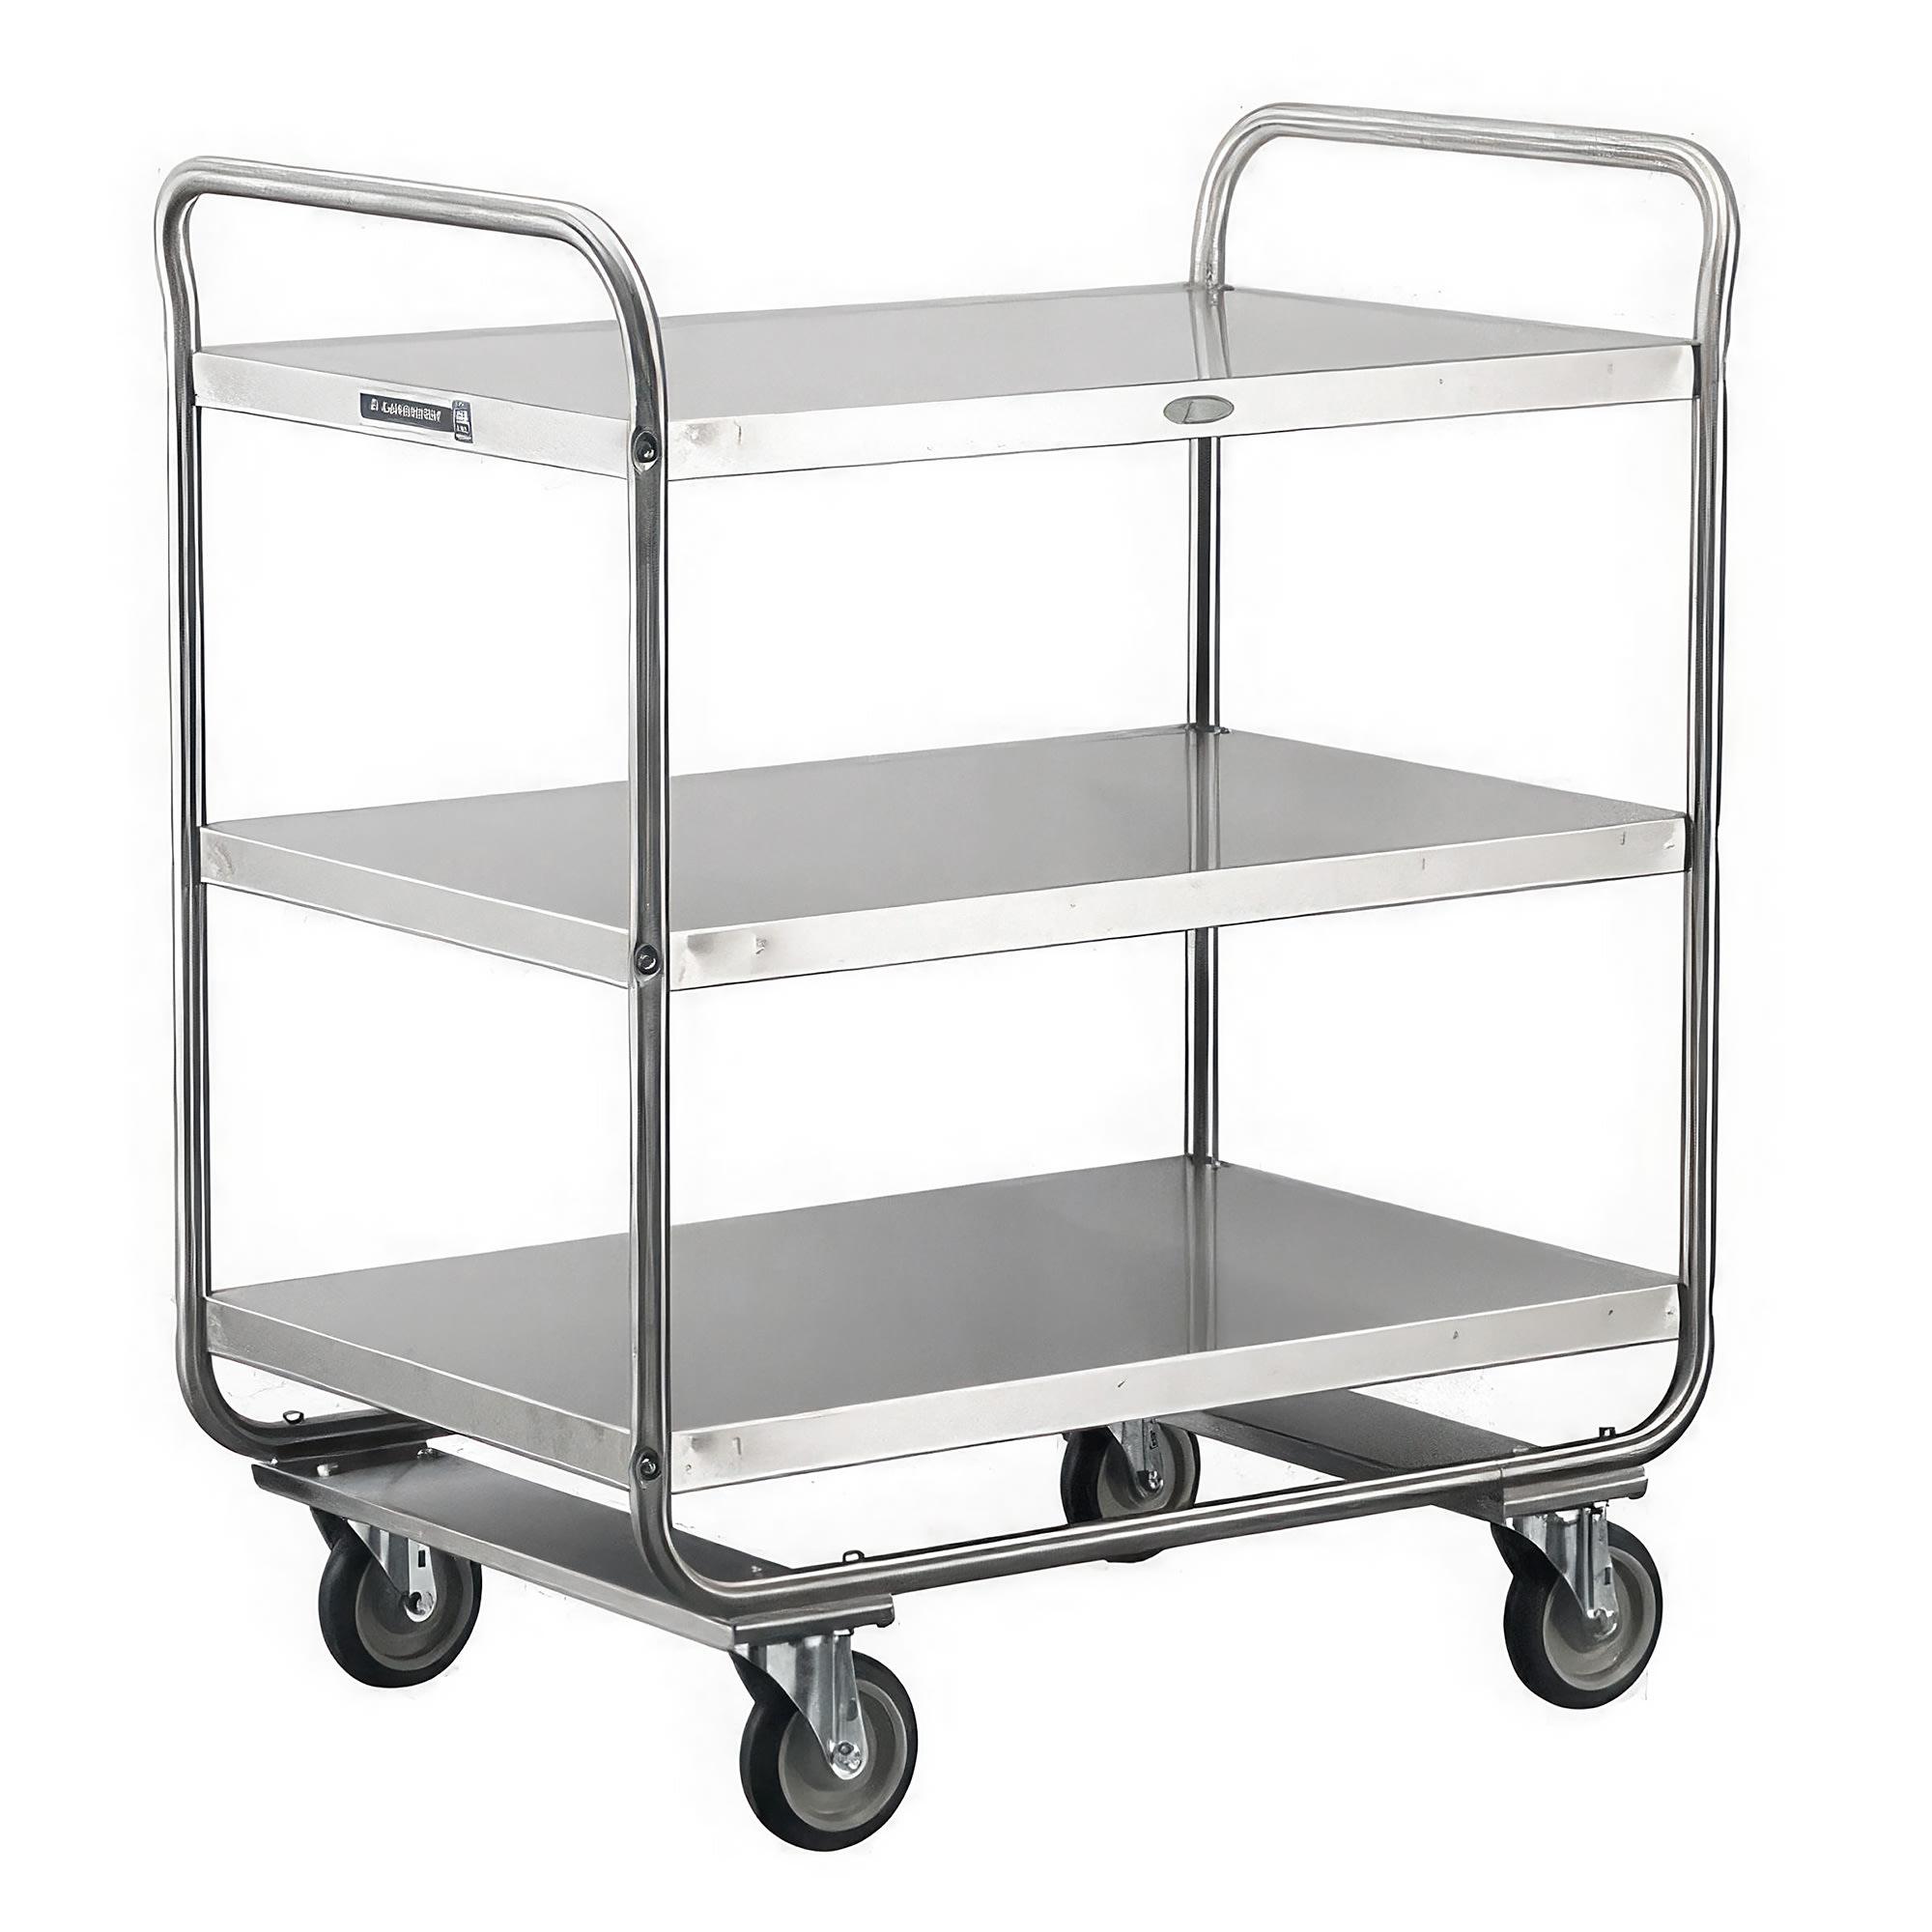 Lakeside 244 3 Level Stainless Utility Cart w/ 500 lb Capacity, Flat Ledges